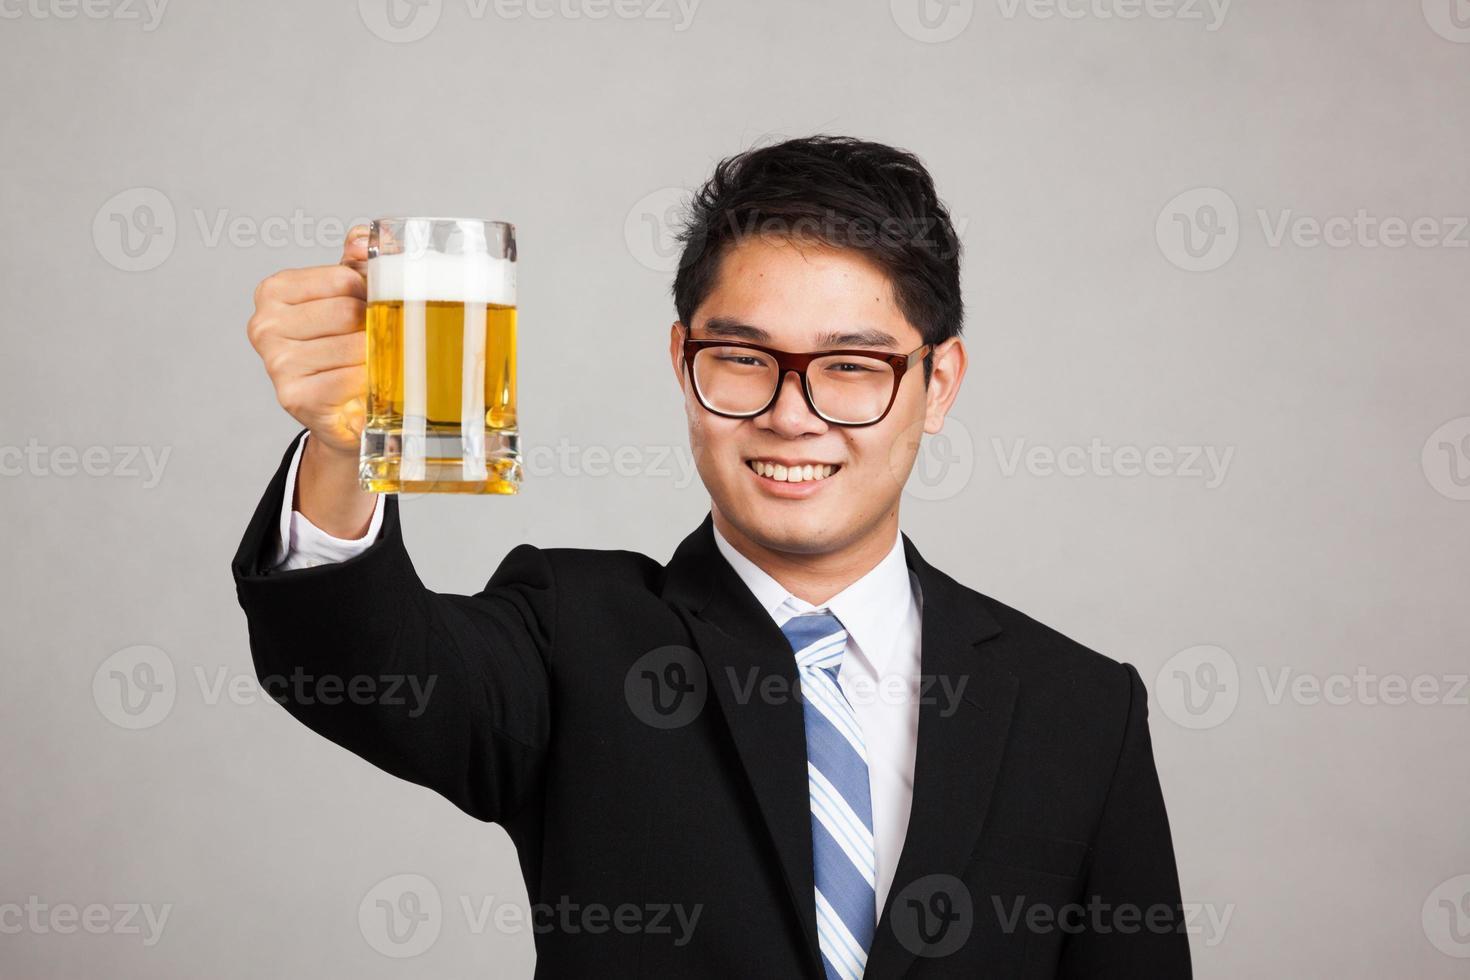 homme d'affaires asiatique acclamations avec chope de bière photo